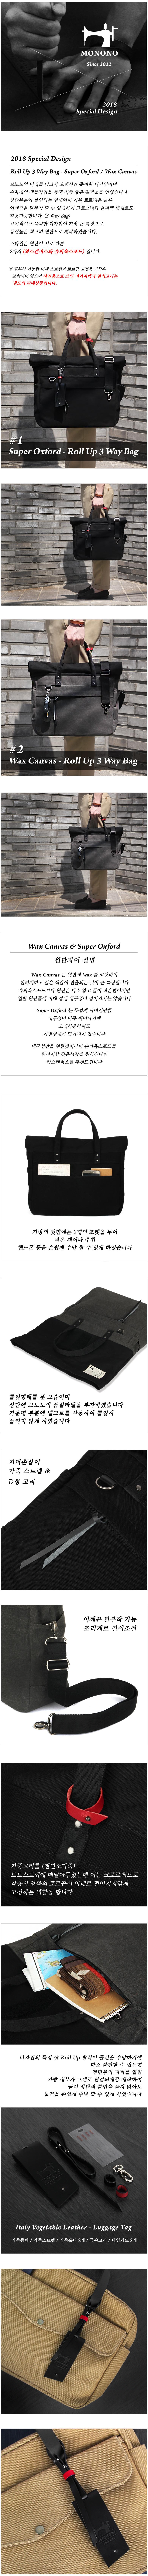 모노노(MONONO) Roll Up 3 Way Bag - Wax Canvas (Charcoal)